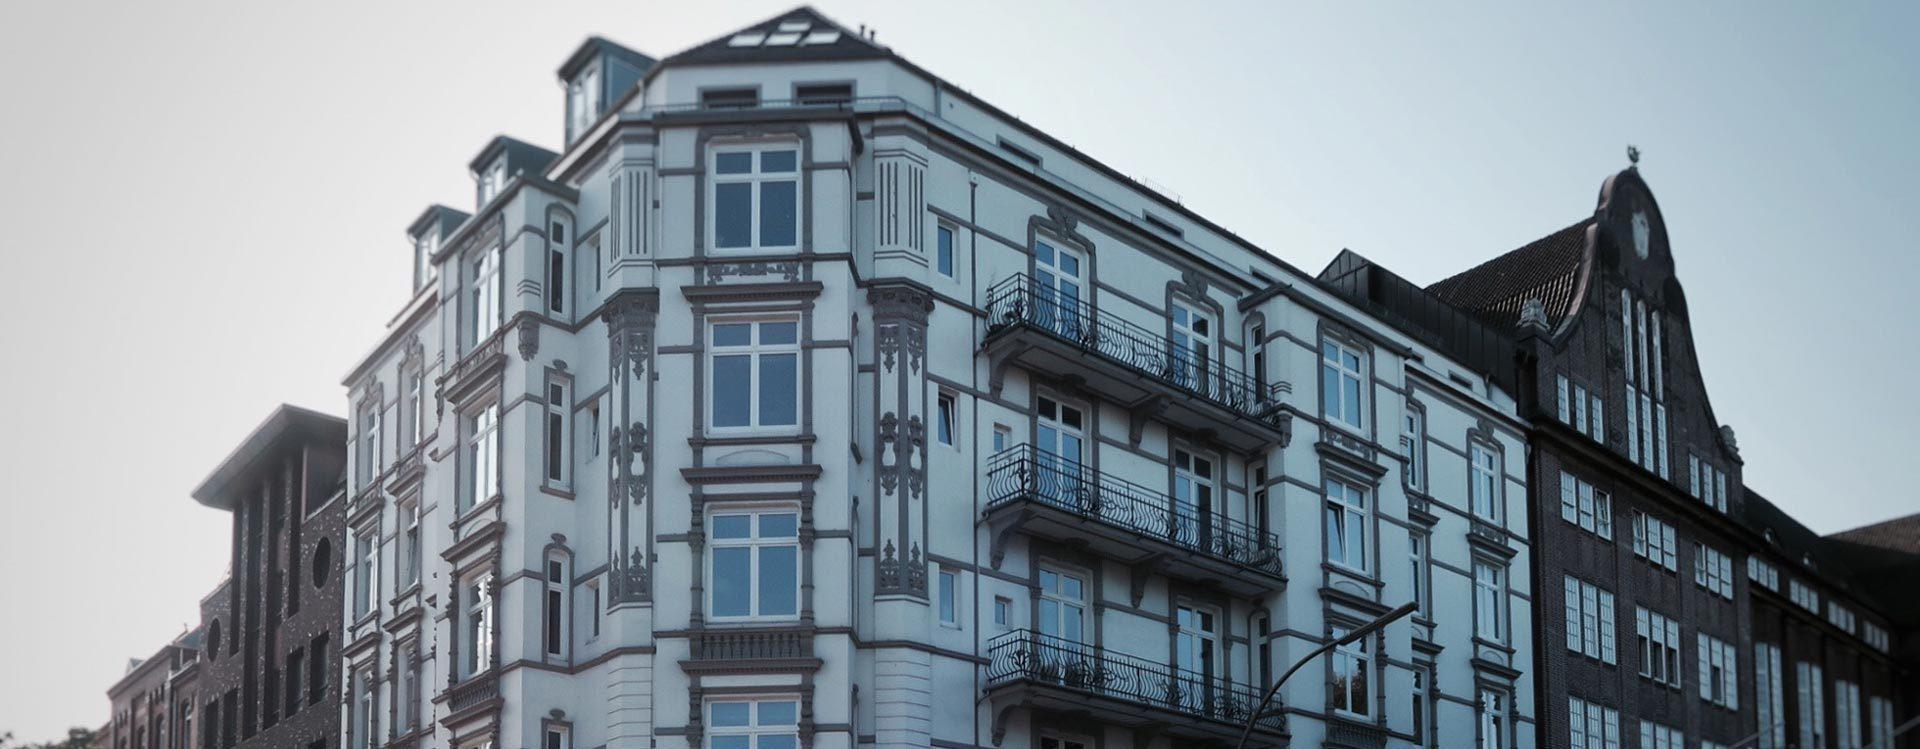 Hier finden Sie den Standort unserer Kanzlei für Strafrecht in Hamburg | Mirko Laudon ist Anwalt für Wirtschaftsstrafrecht und Medizinstrafrecht